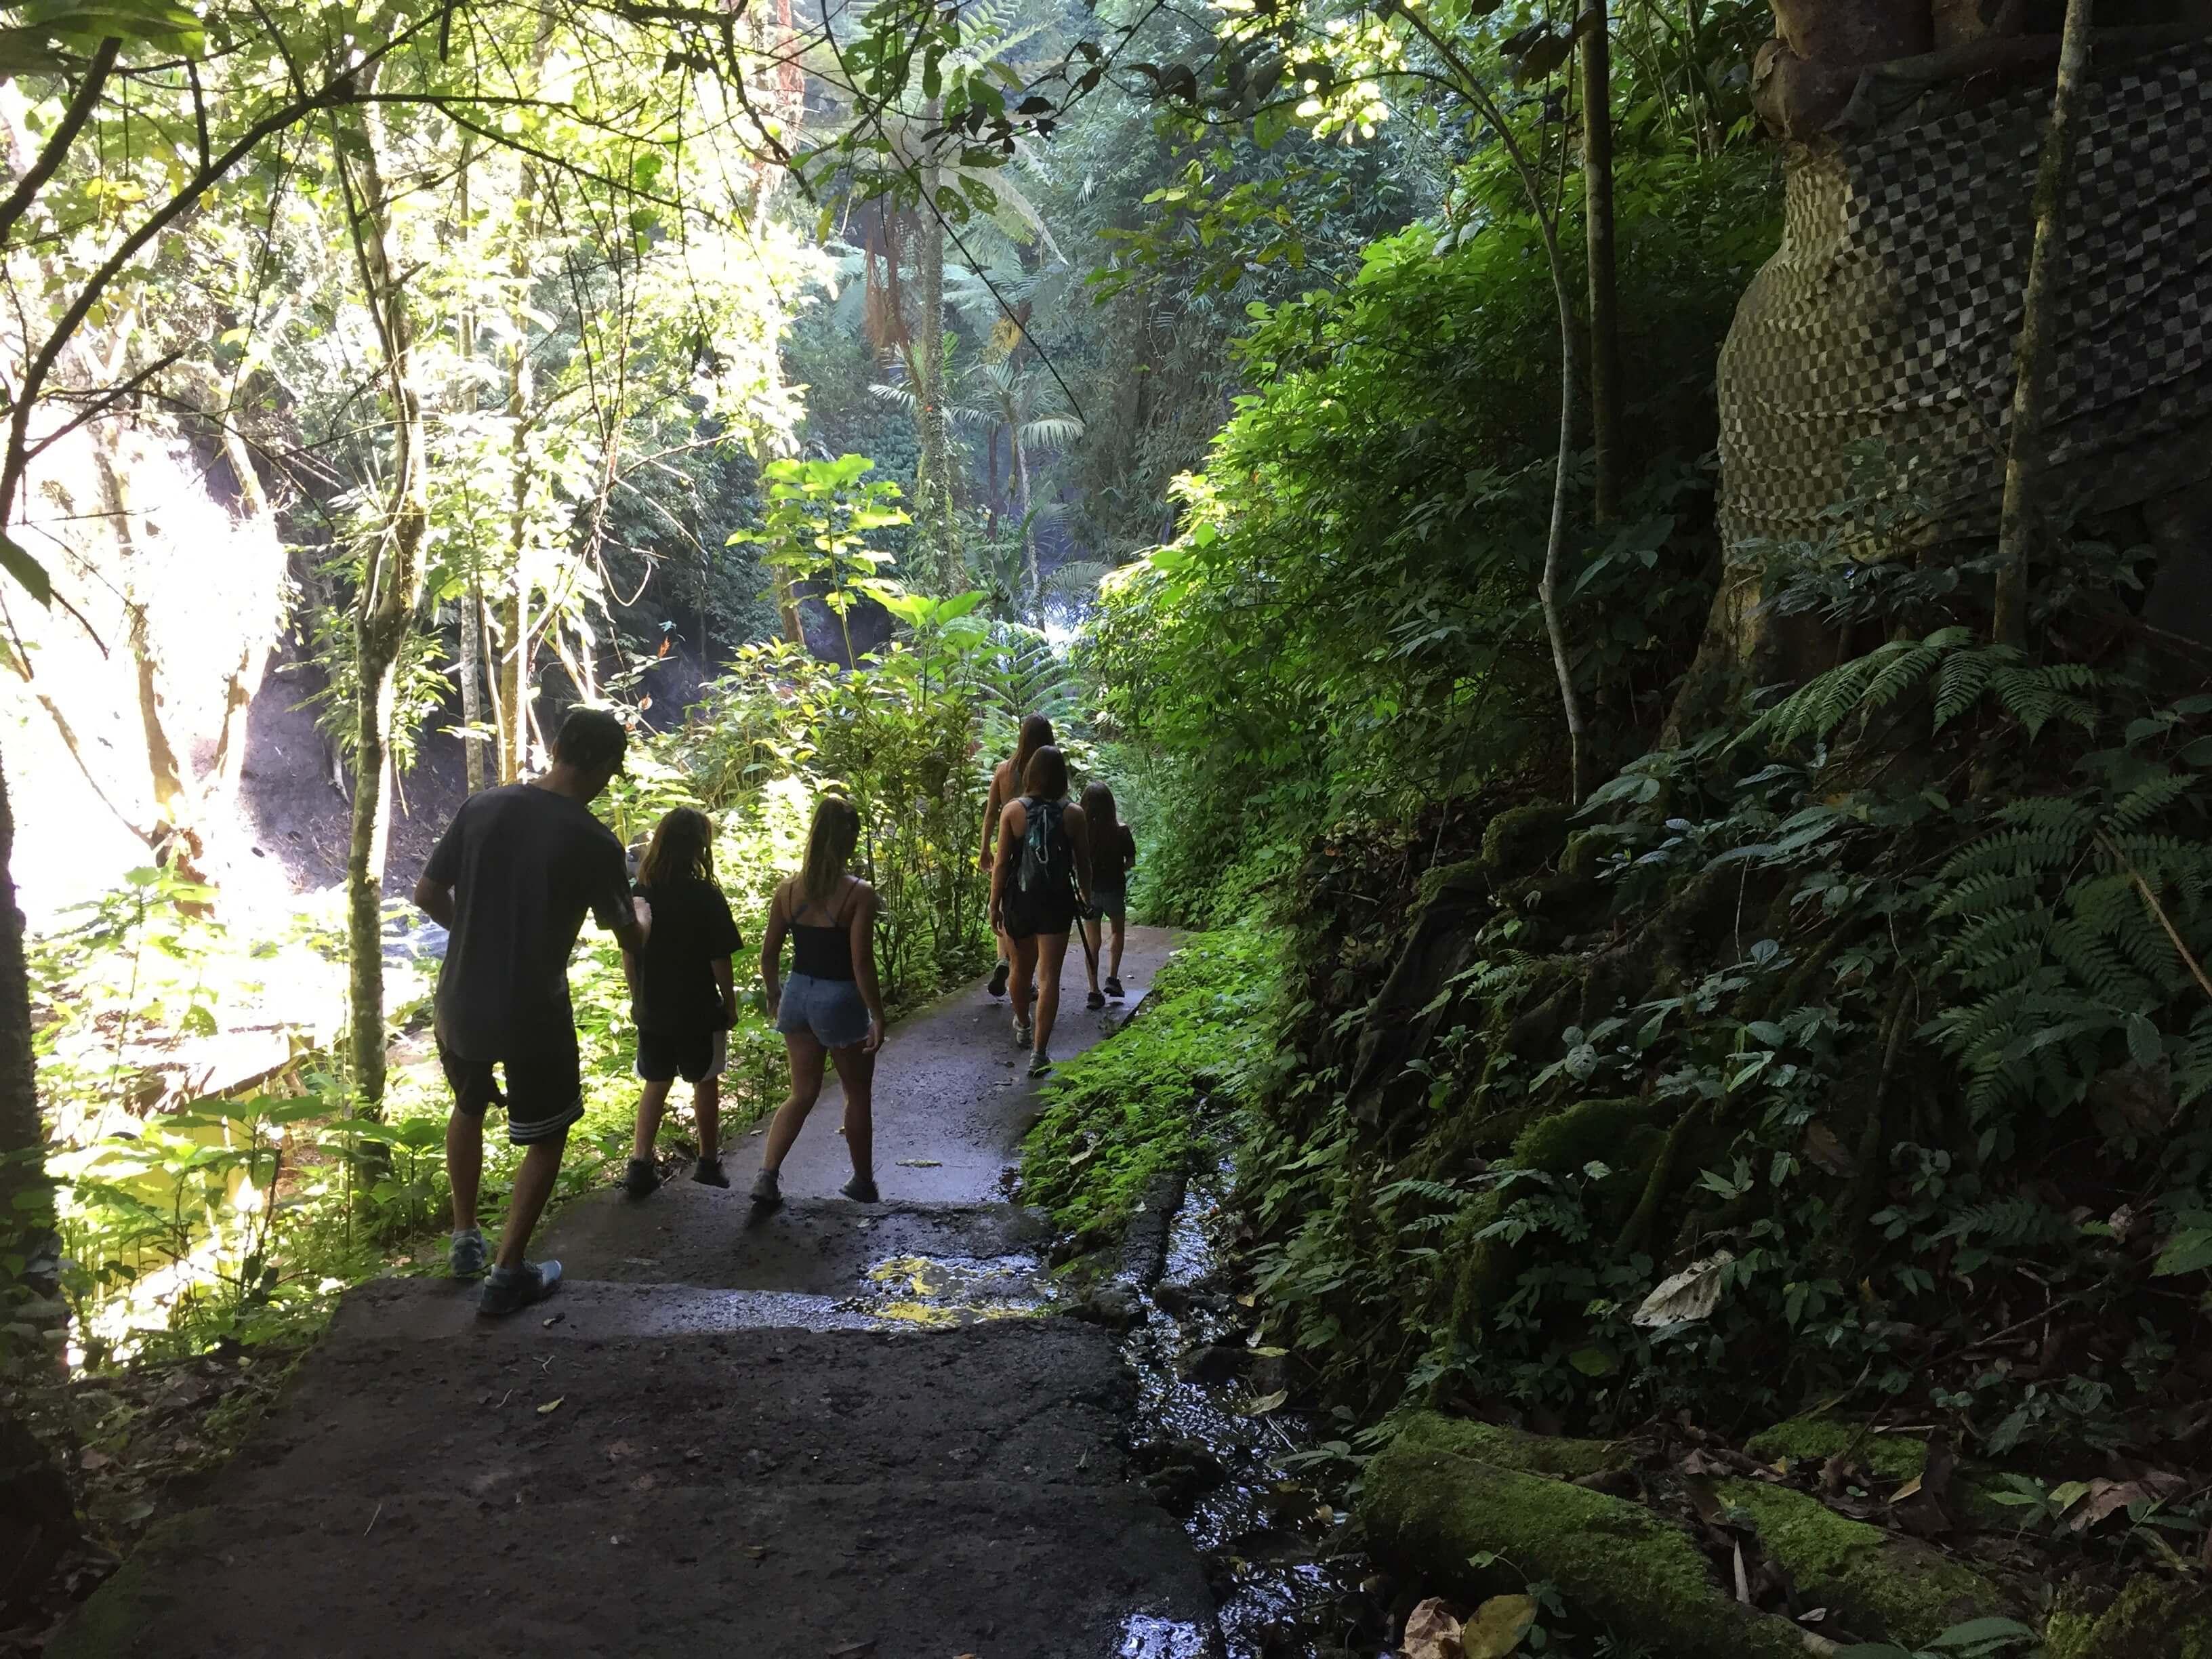 Munduk, Bali waterfalls: epic 2 day itinerary